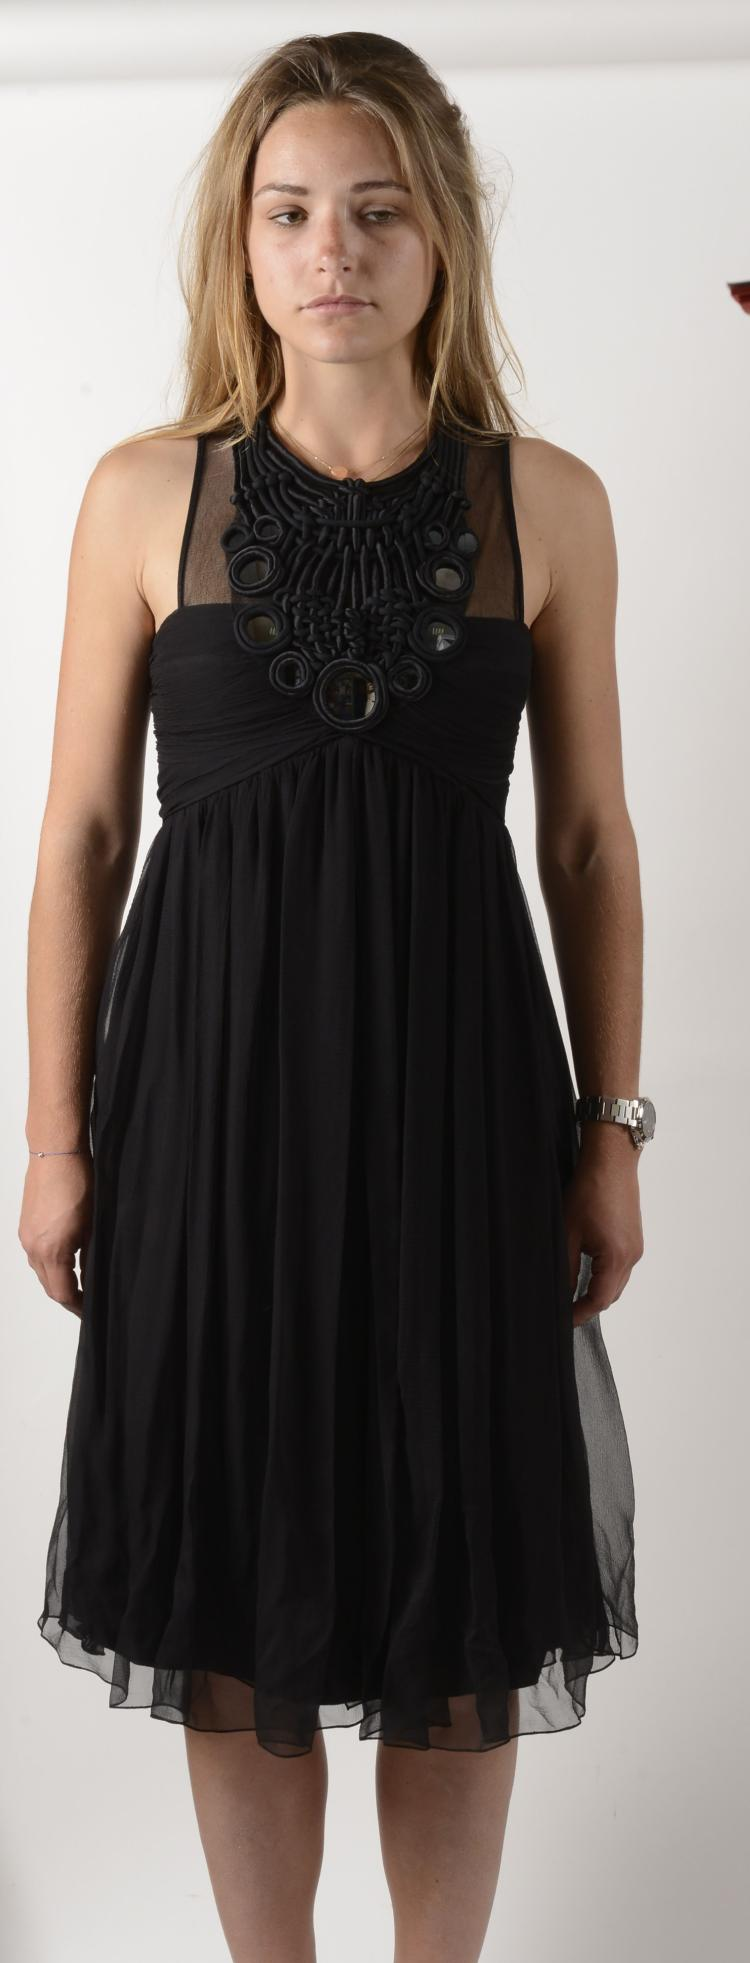 PAUL KA Jolie robe noire en soie et mousseline de soie, ornée d'un plastron en tissage de soie et decoré de petits miroirs ronds.